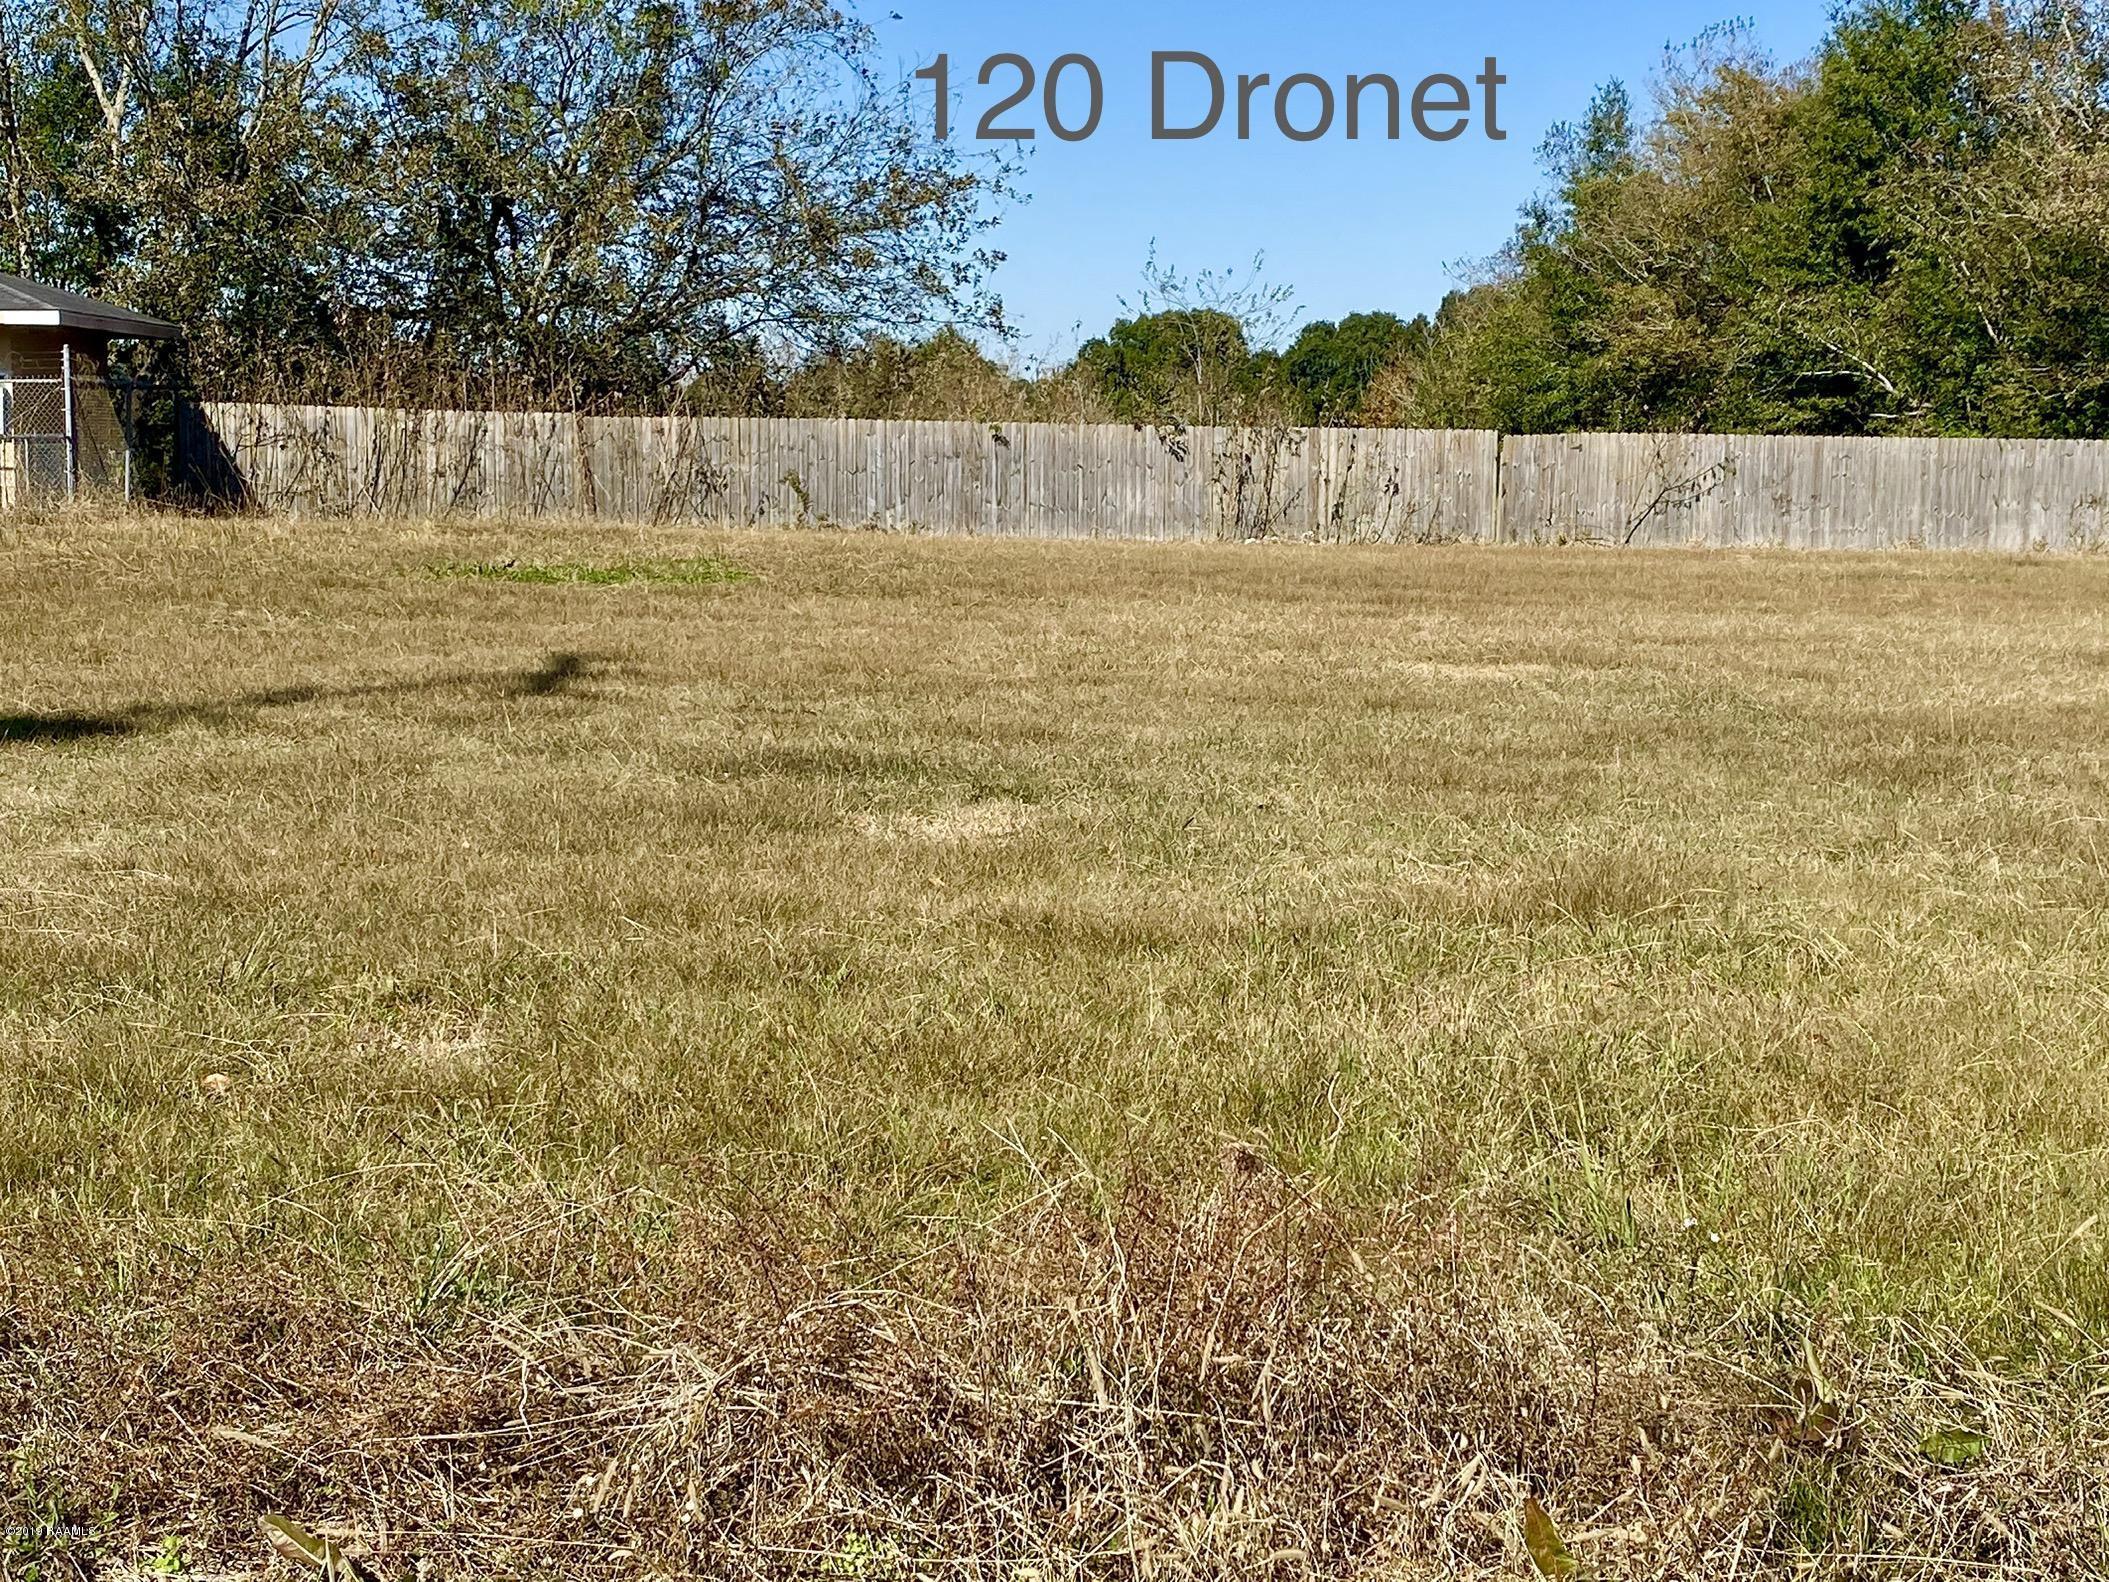 120 Dronet Street, Scott, LA 70583 Photo #2